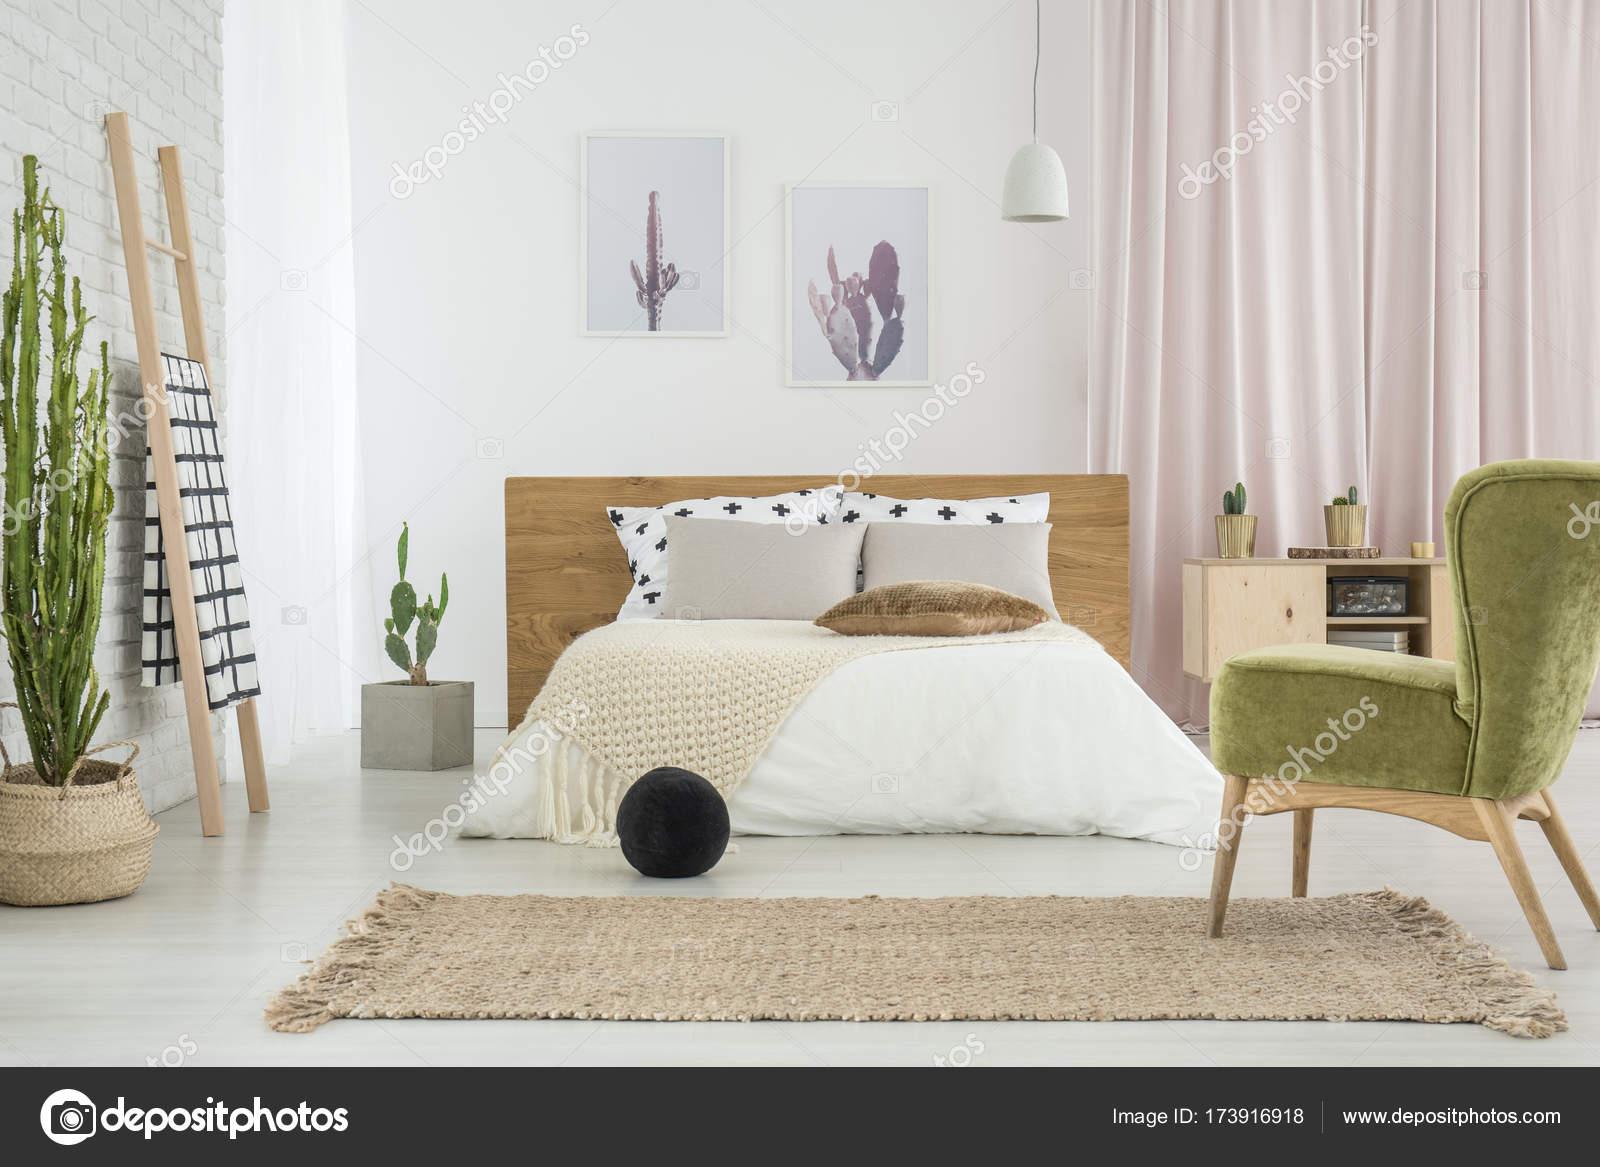 Sedia verde retr in camera da letto foto stock - Sedia camera da letto ...